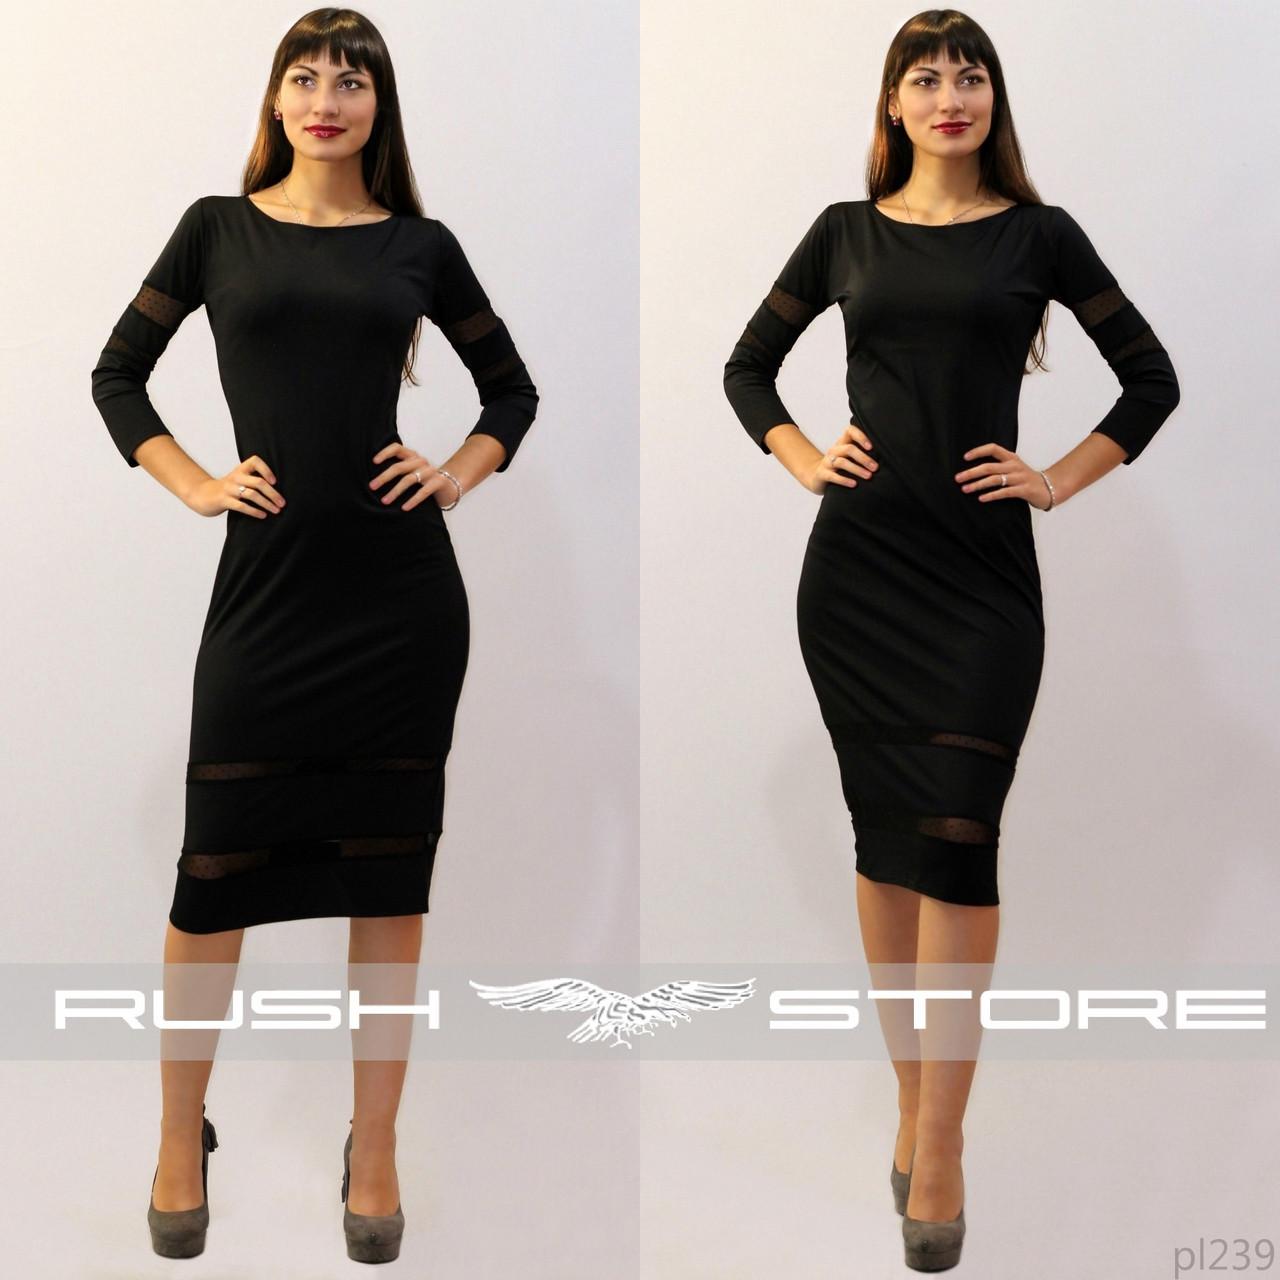 9269b4212324 Женское платье миди - RUSH STORE интернет-магазин женской одежды в Николаеве